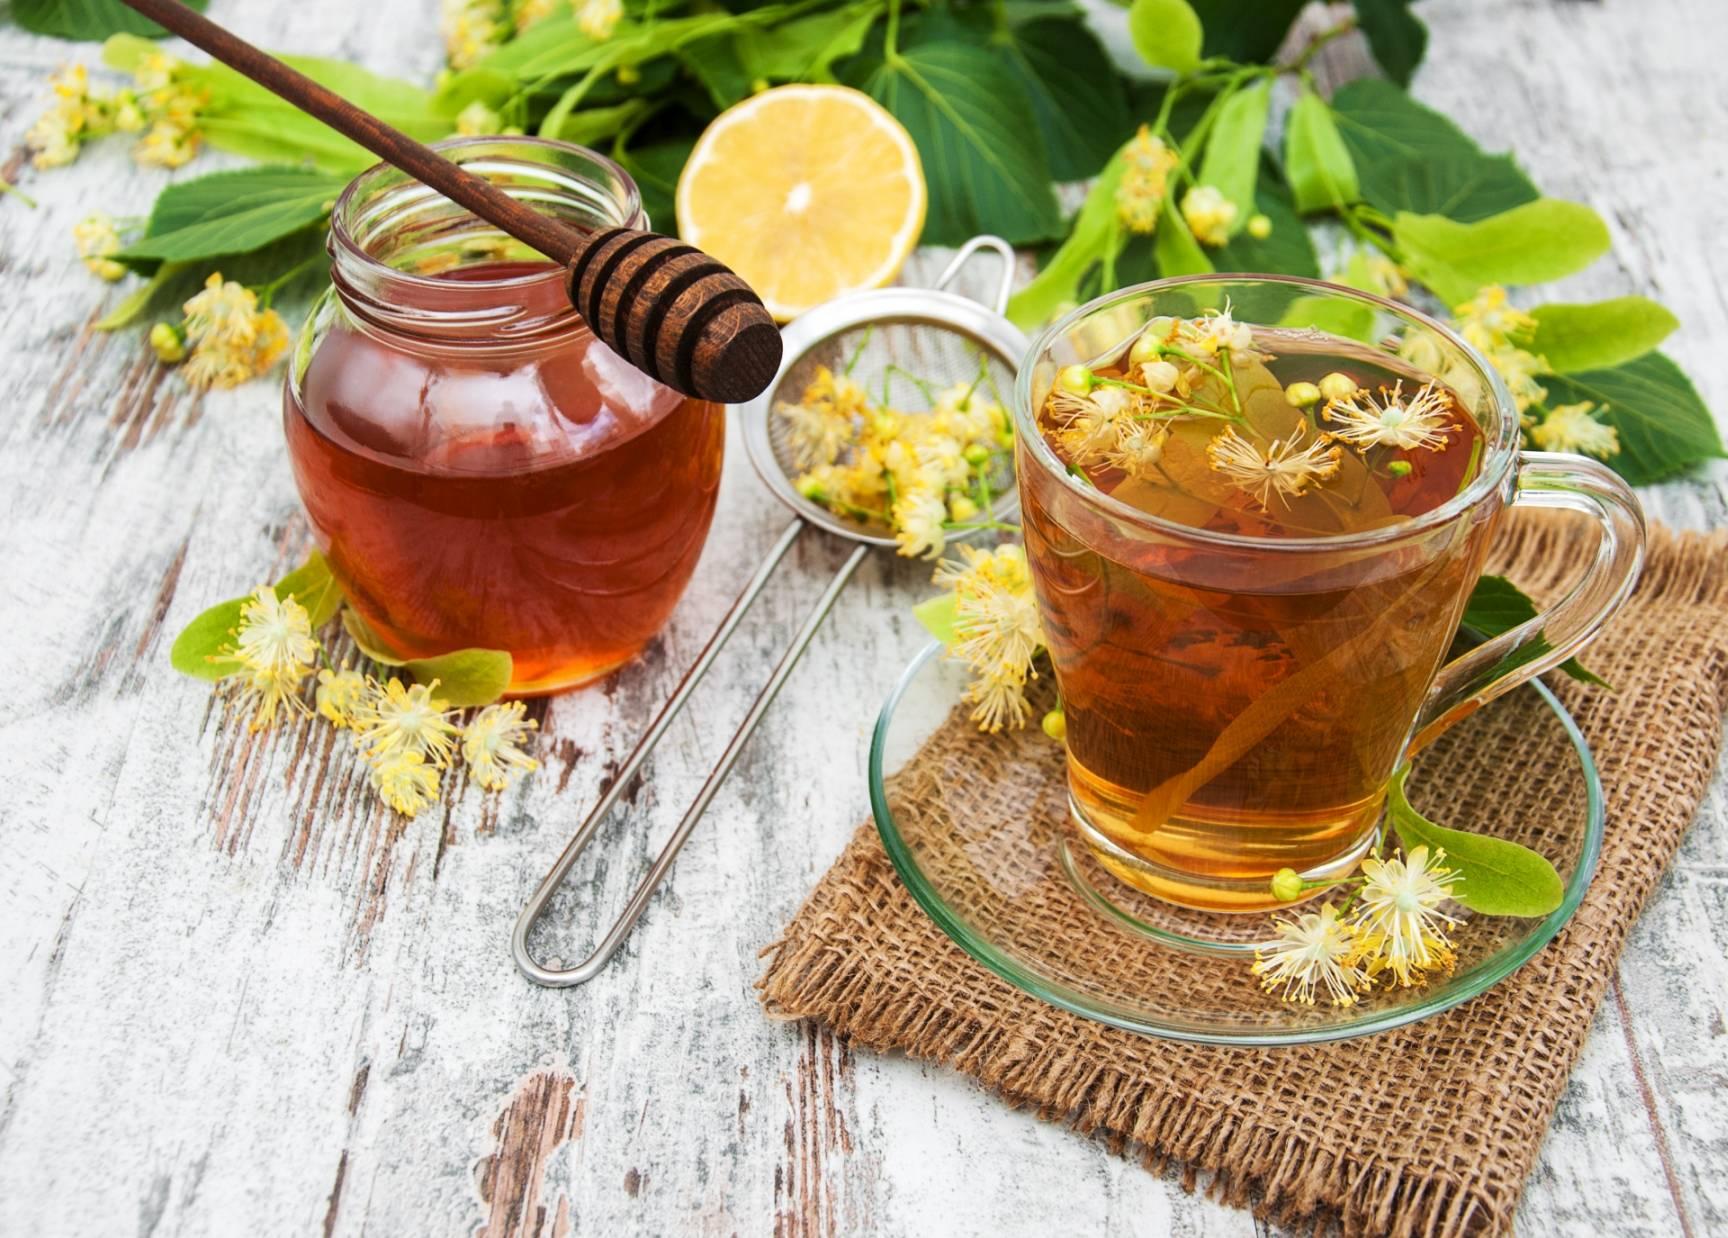 Herbata z lipy w szklance na spodku, obok stoi słoik miodu i leżą kwiaty lipy. Lipa na stres i przeziębienie.